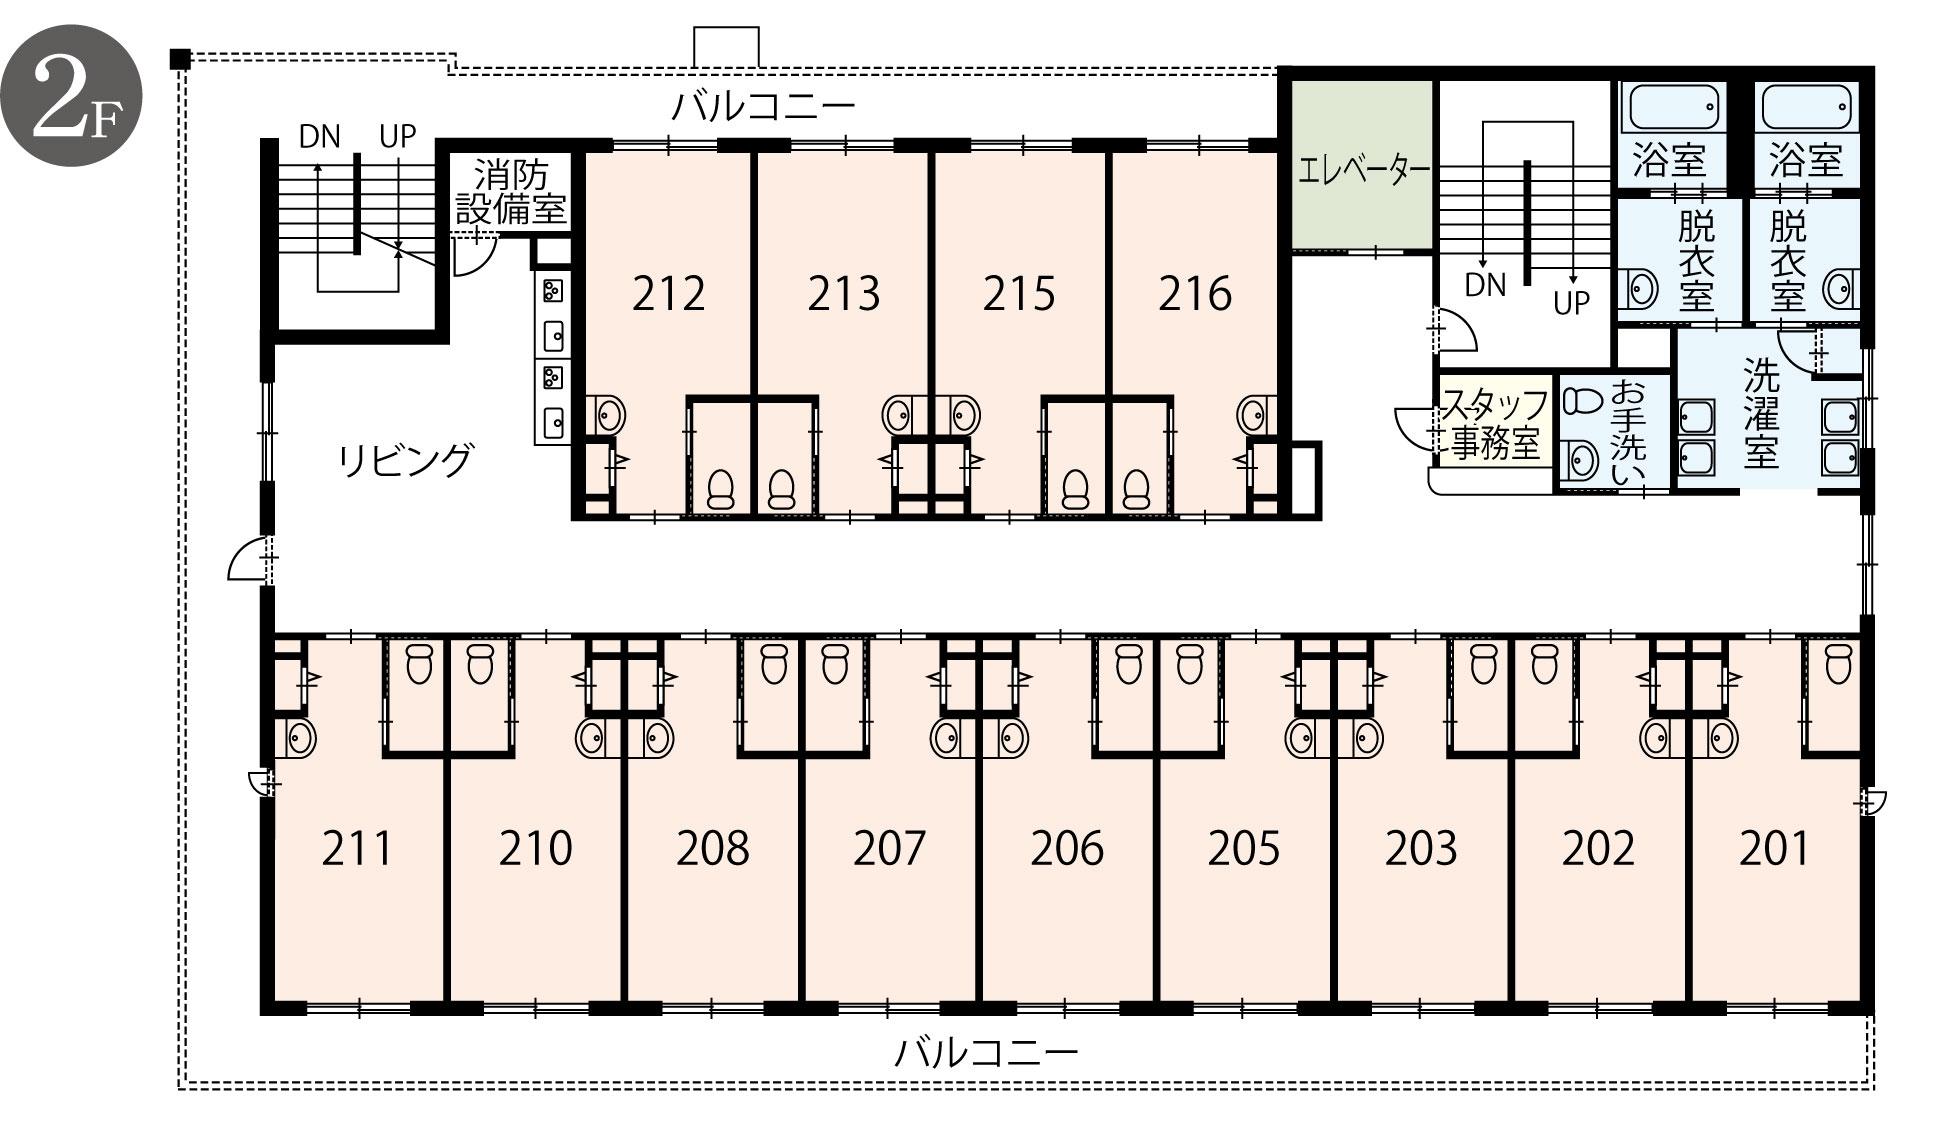 2階 館内案内図